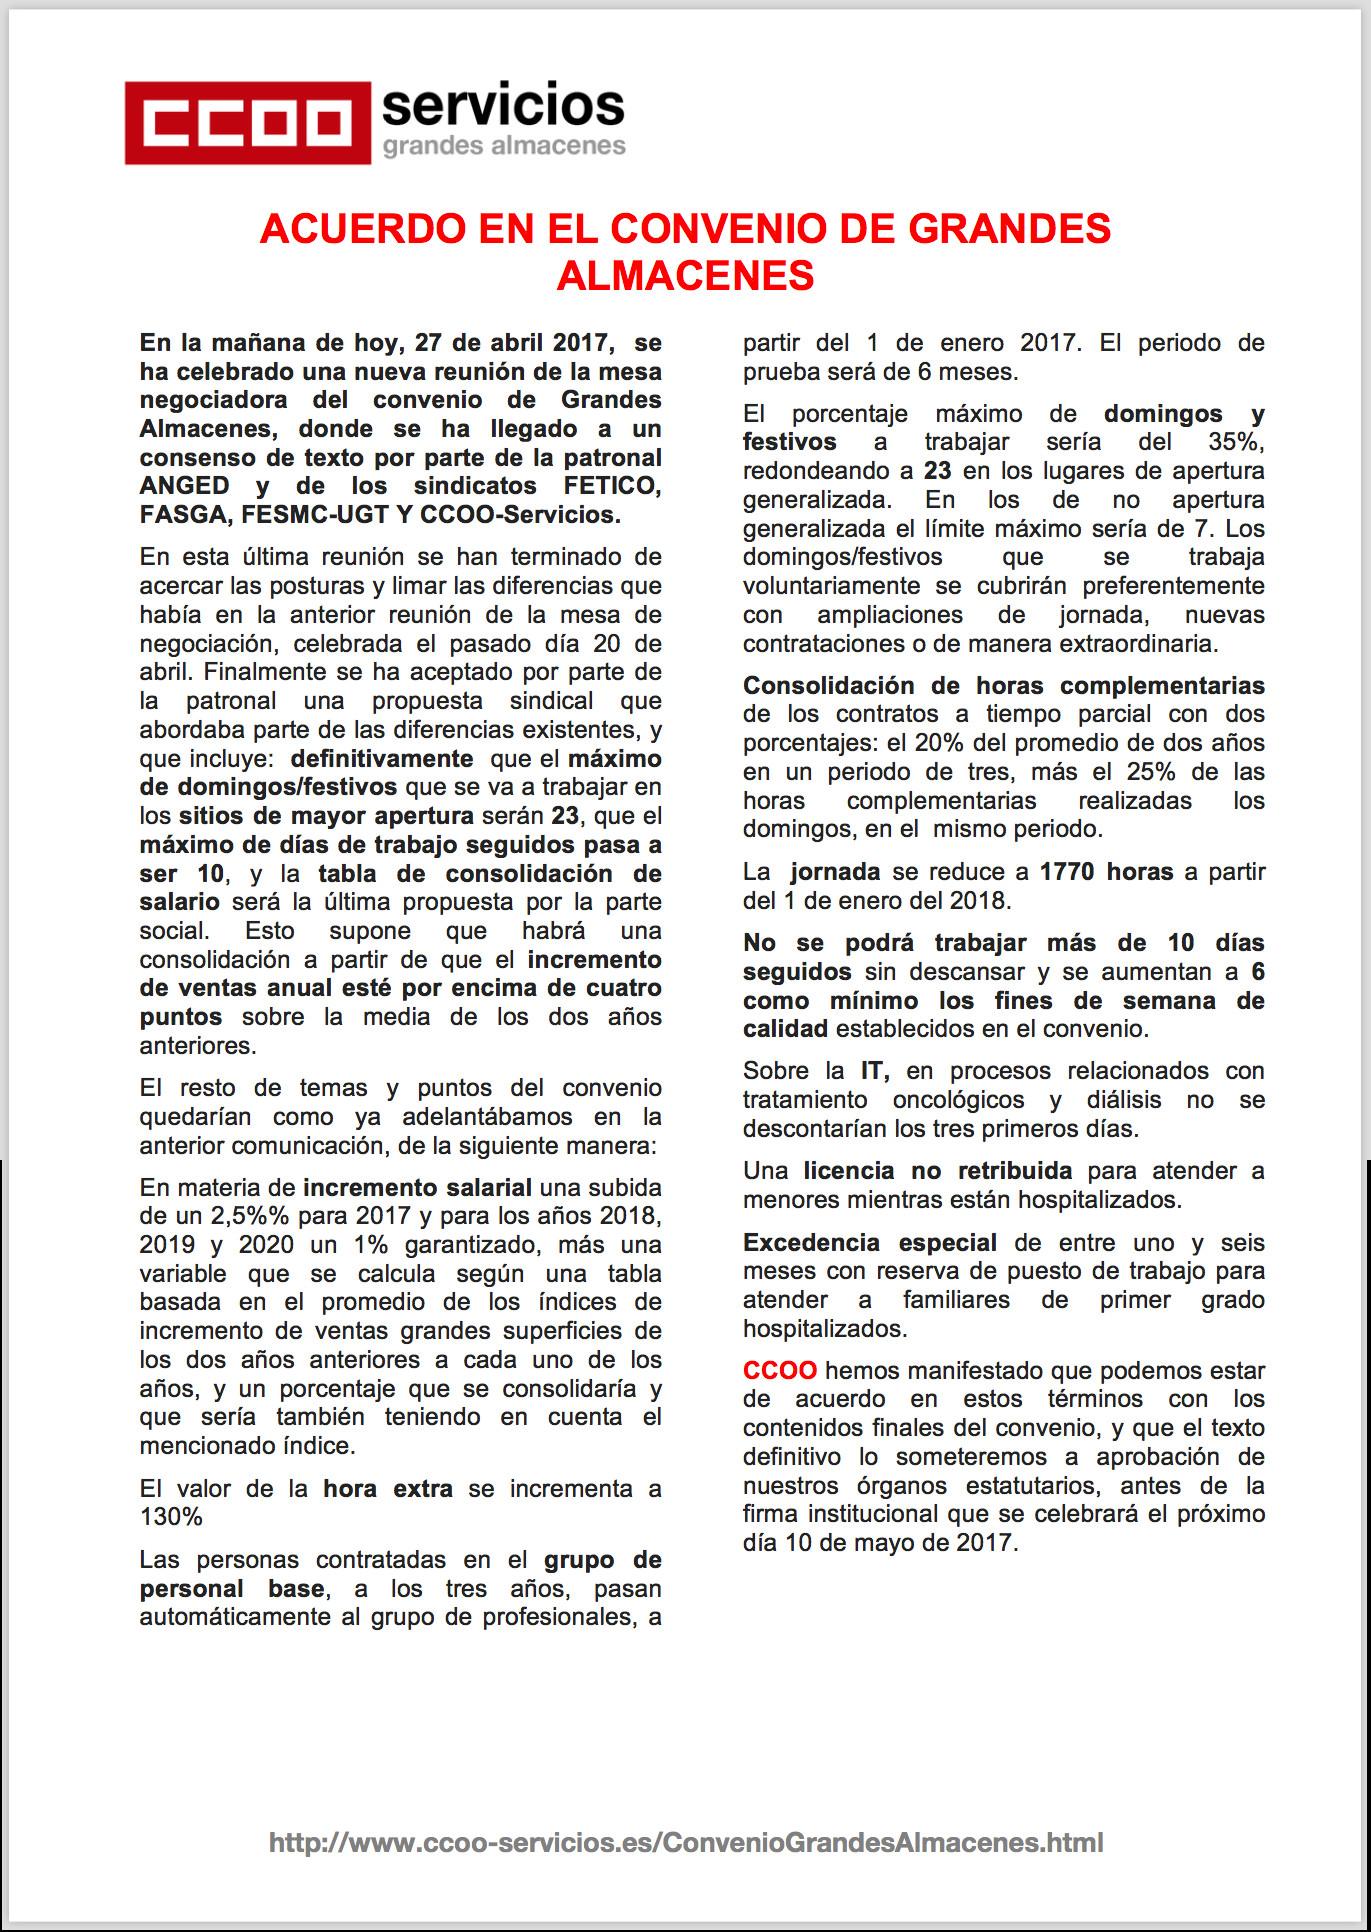 Pagina 1 del Octavo comunicado GGAA. Firma Convenio de grandes almacenes